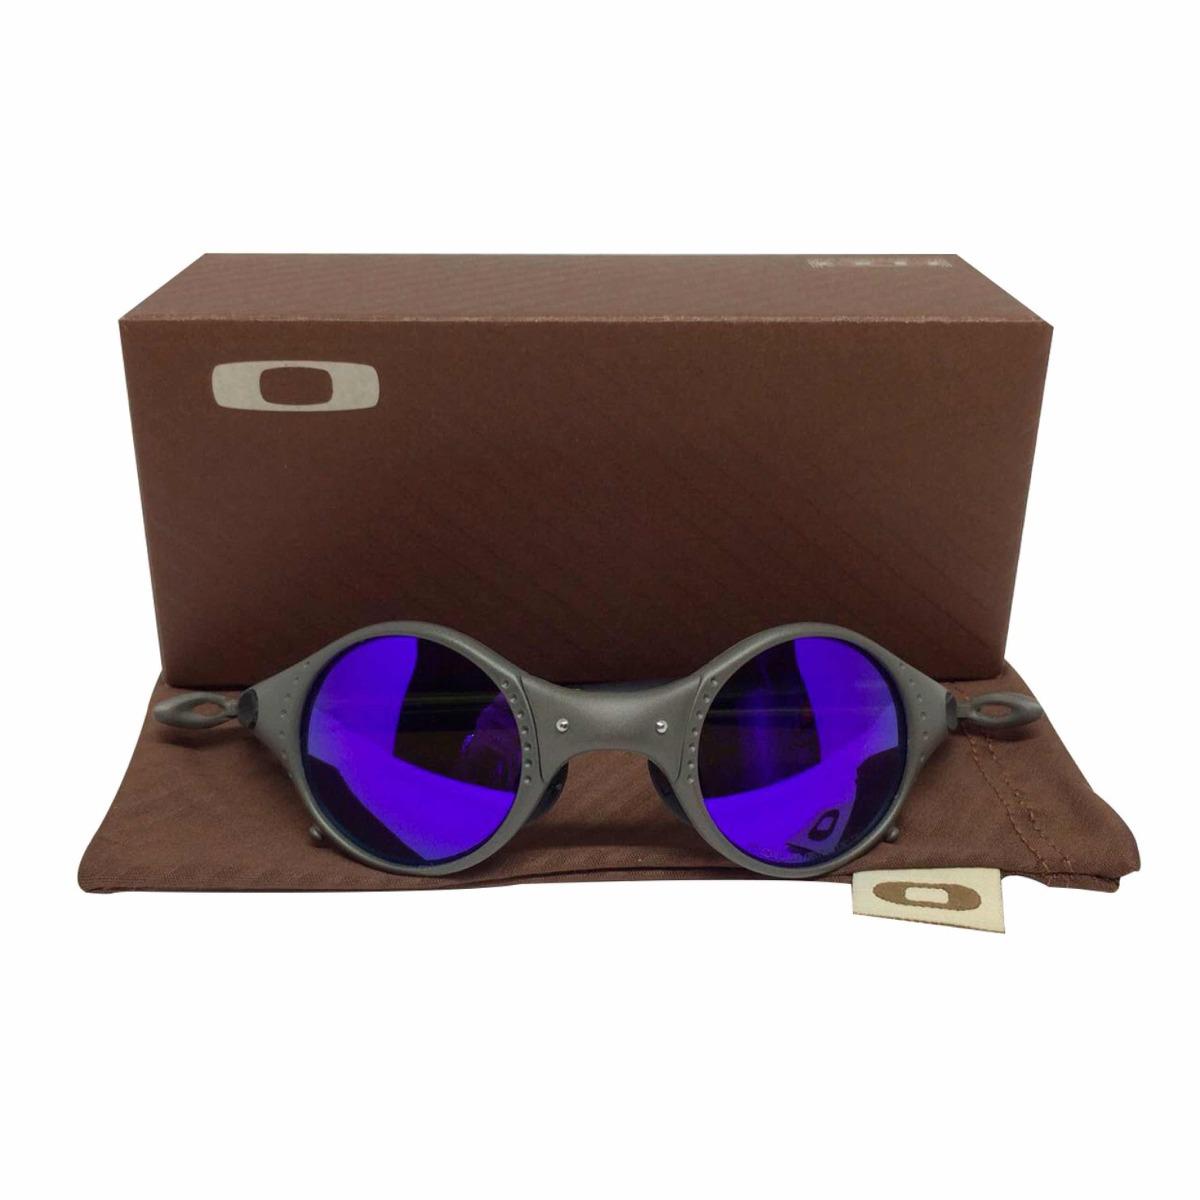 Oculos Oakley Juliet Mars Lente Roxa Polarizadas - R  145,00 em ... cd76524629